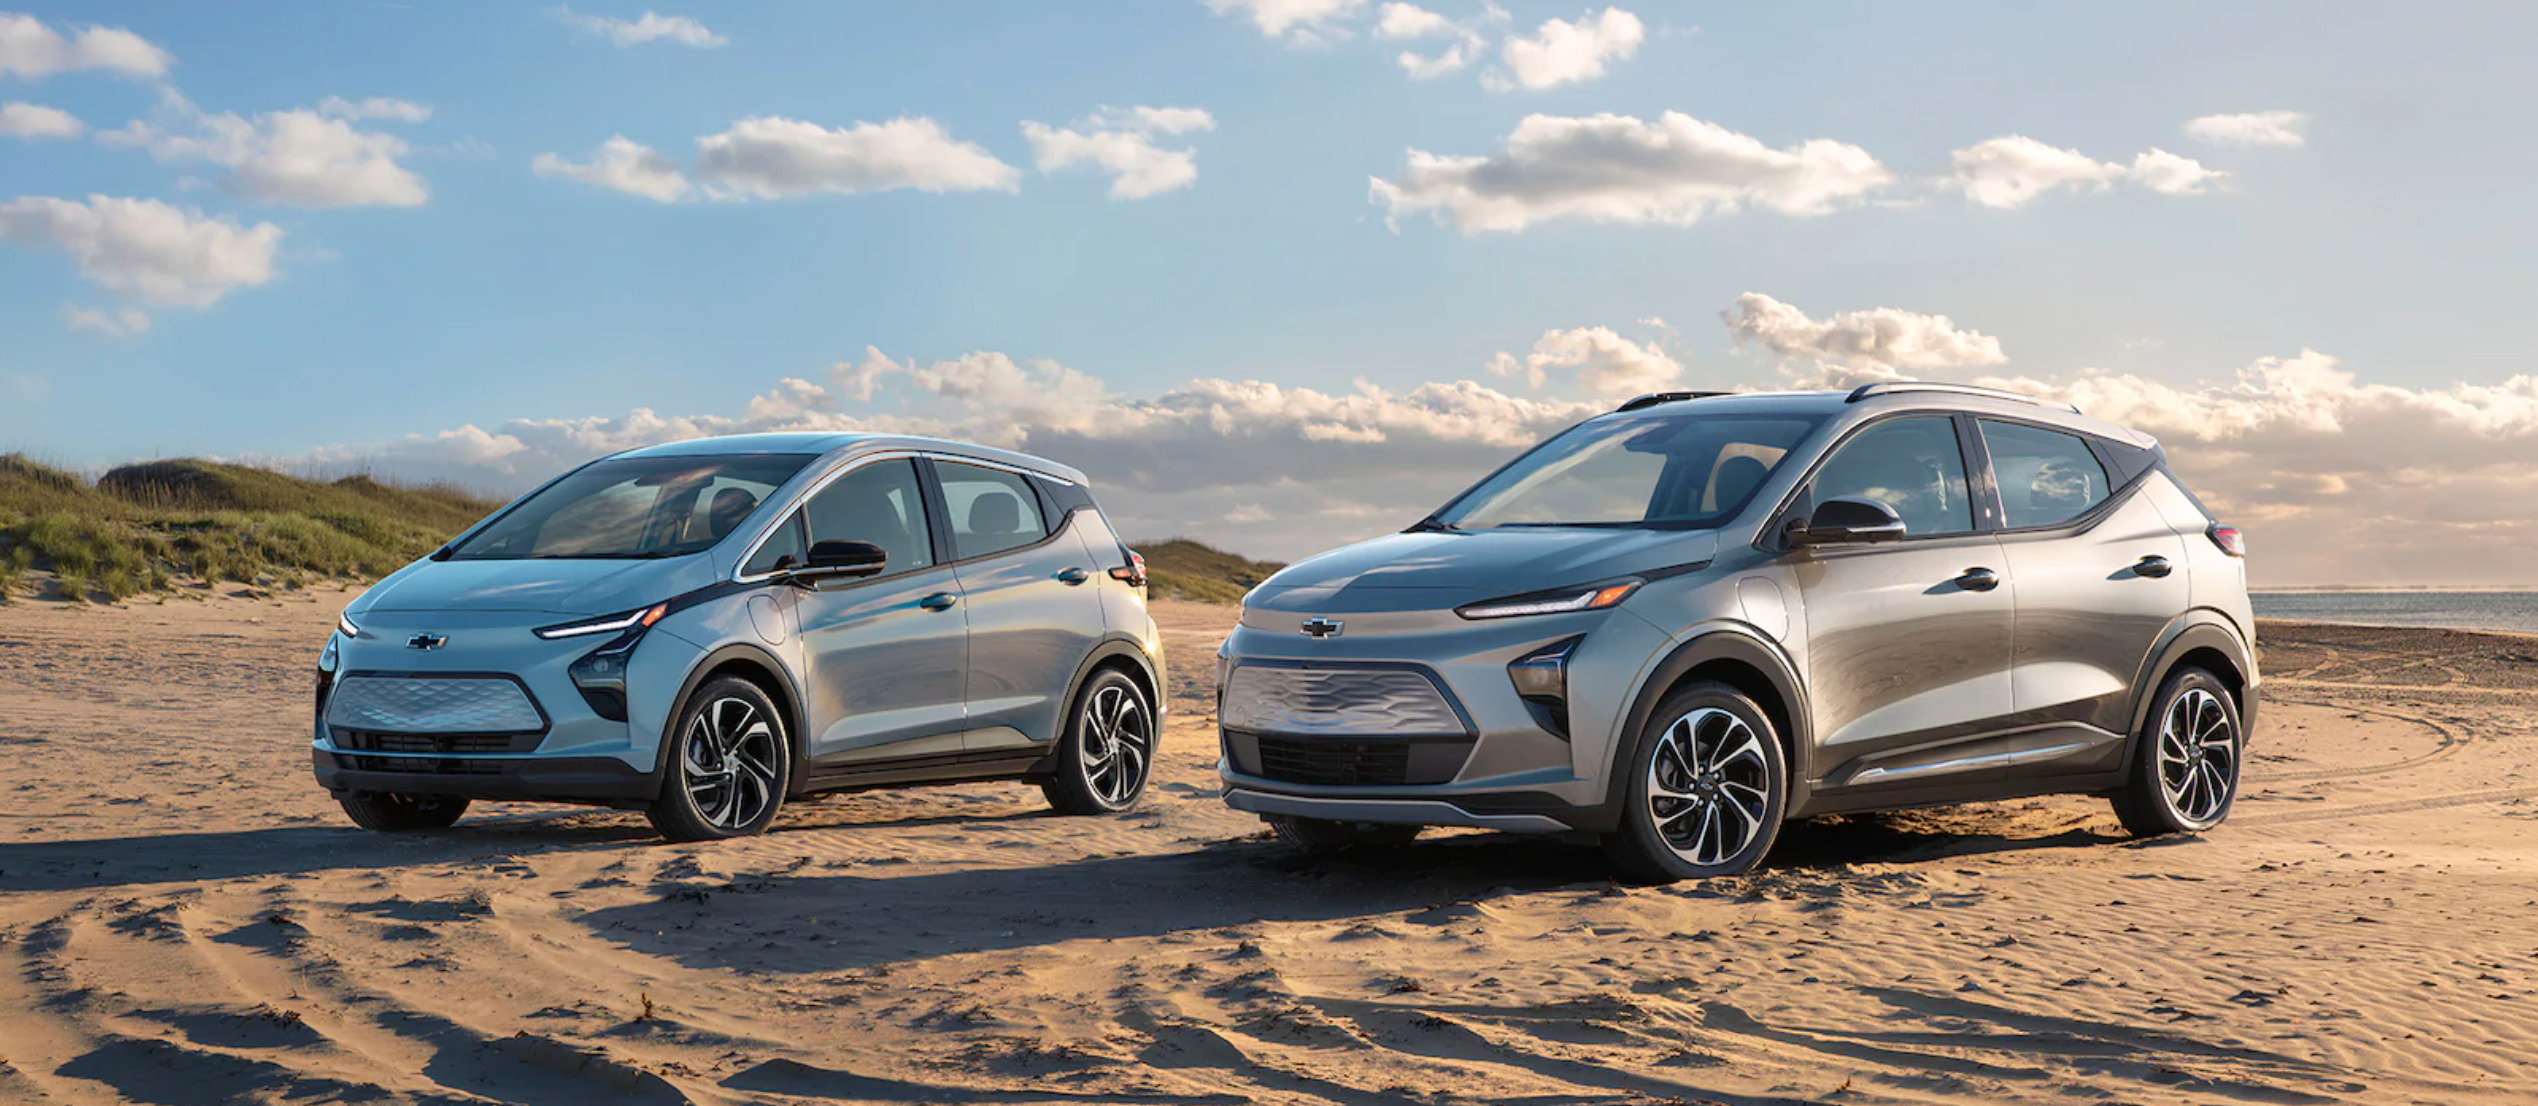 Lado a lado fica mais fácil ver a diferença entre o hatch e o novo SUV